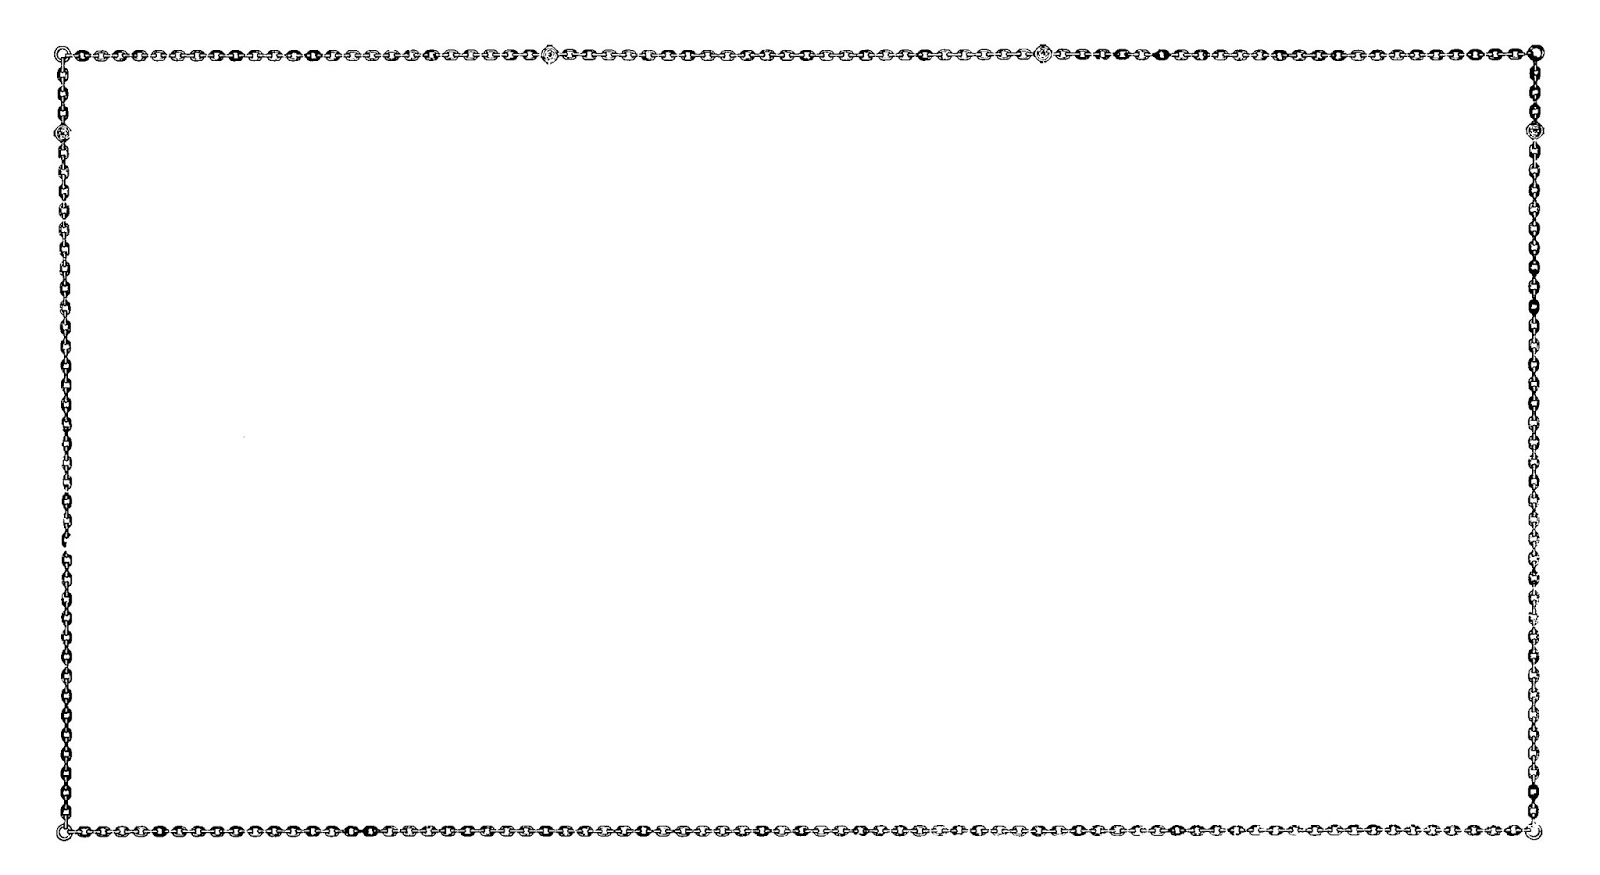 Digital Stamp Design Free Digital Frame Border Clip Art